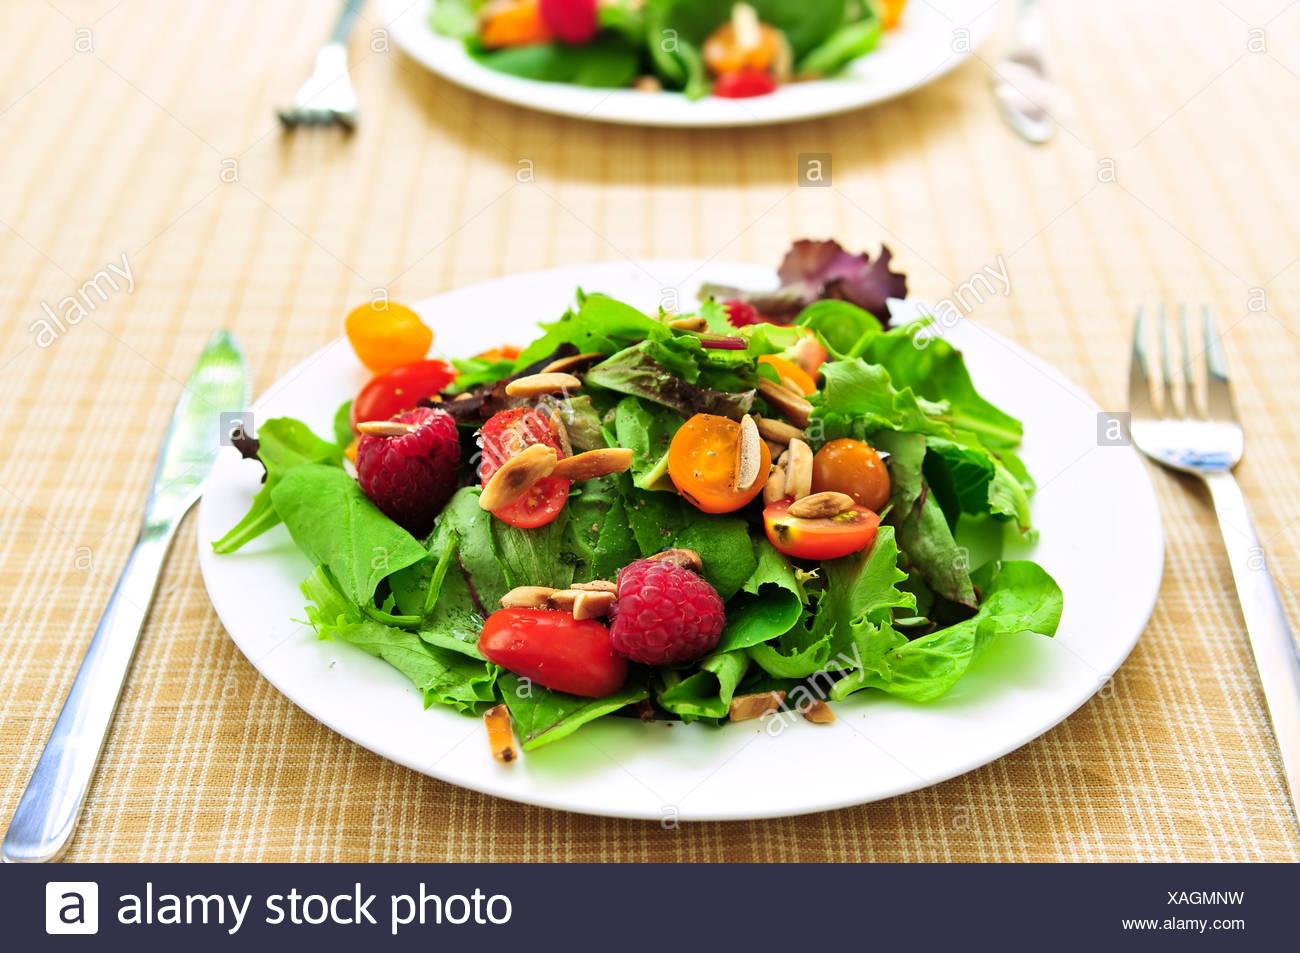 berries food dish - Stock Image